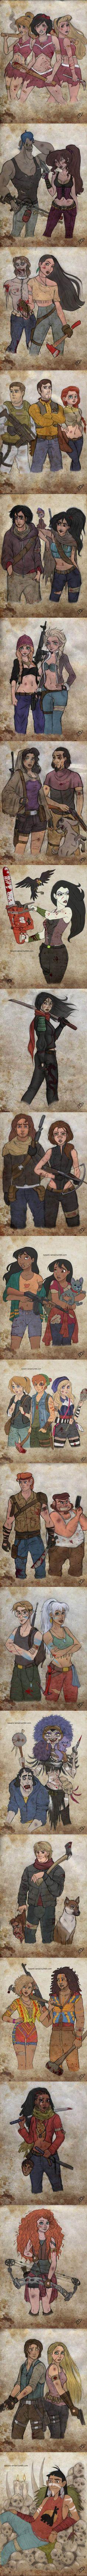 The Disney Apocalypse..Not even the apocalypse can stop Kuzco's groove LOL